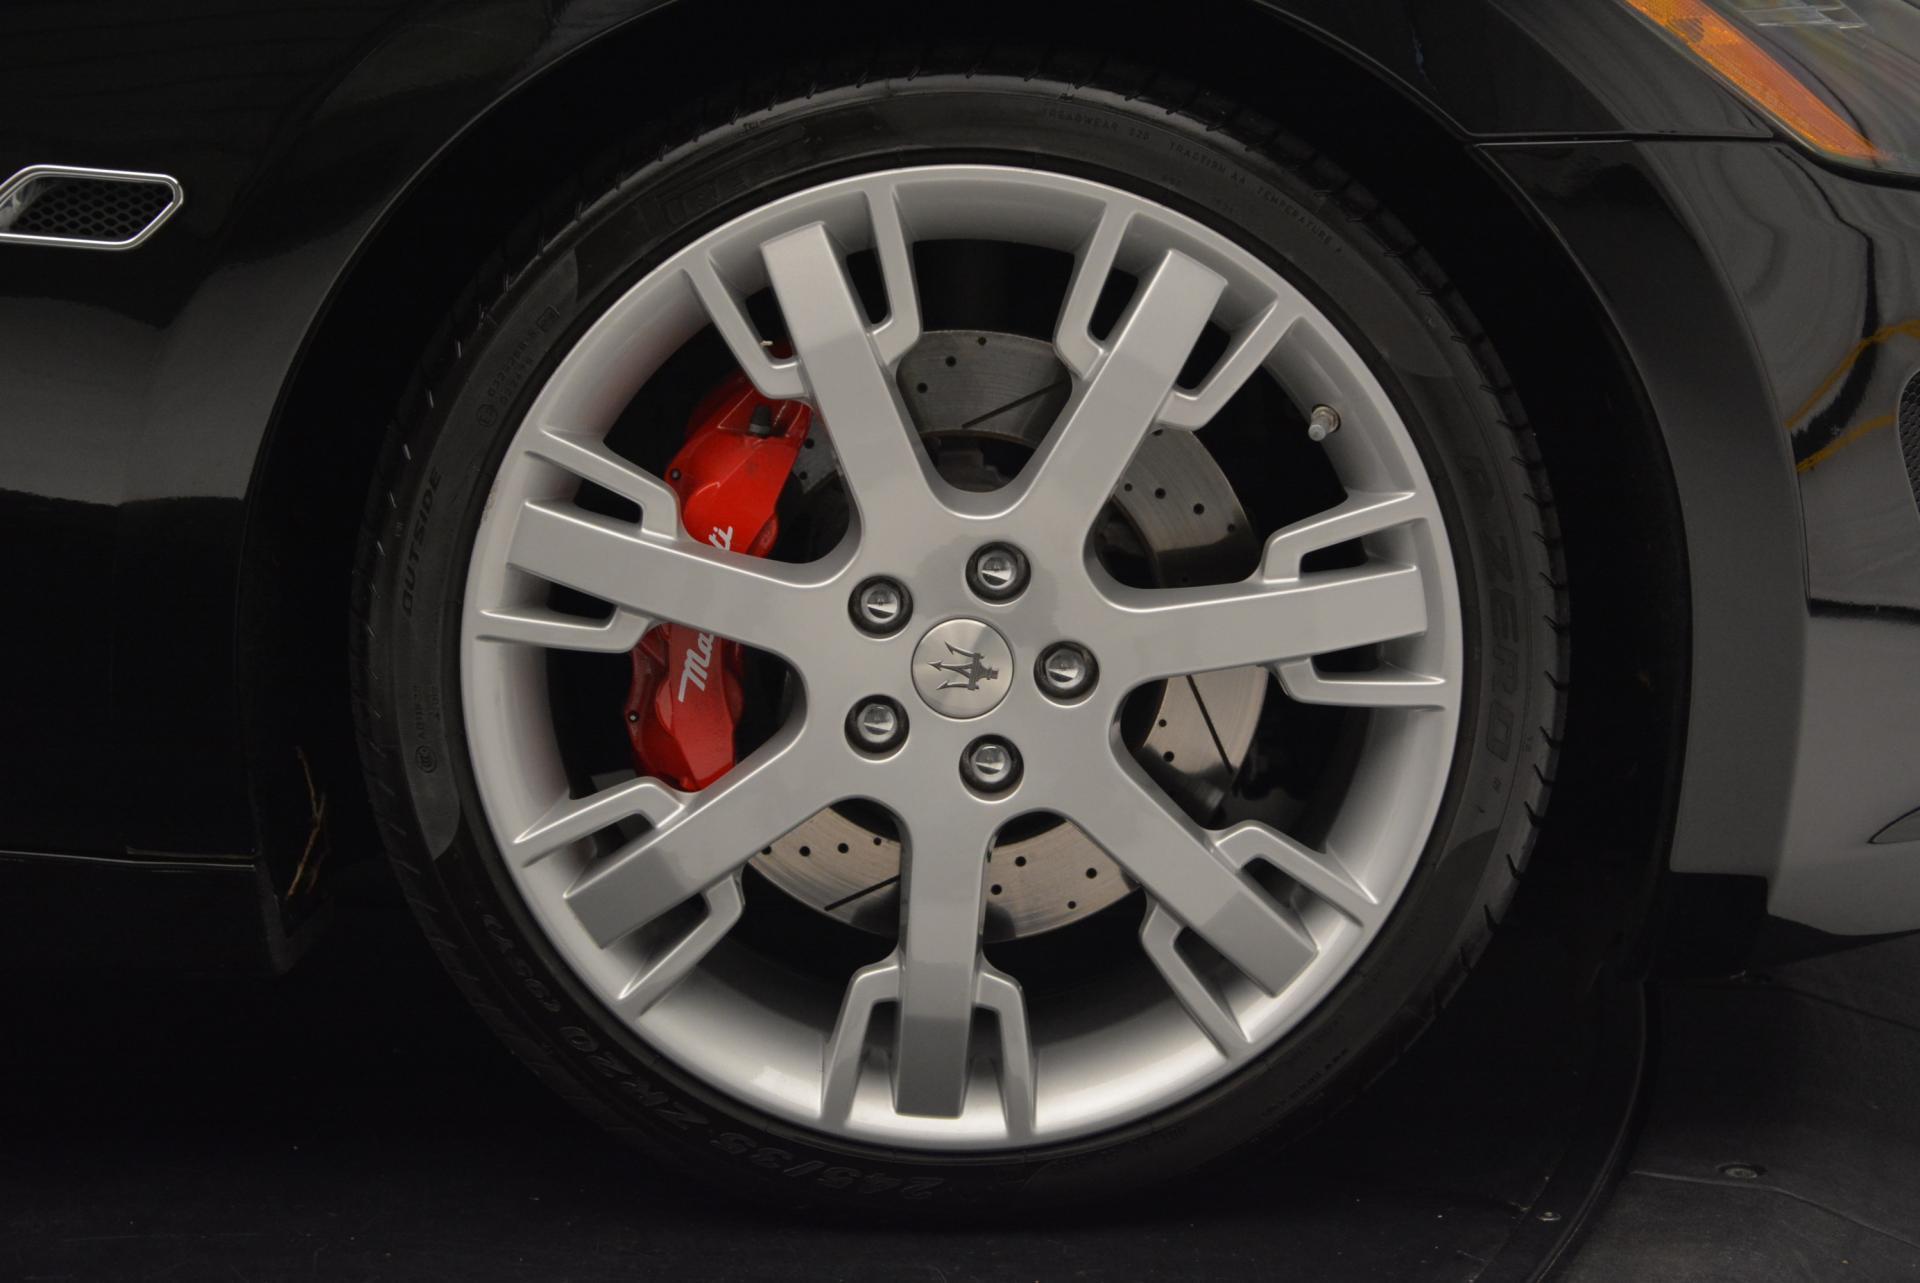 Used 2013 Maserati GranTurismo Sport For Sale In Greenwich, CT. Alfa Romeo of Greenwich, 1264 46_p21